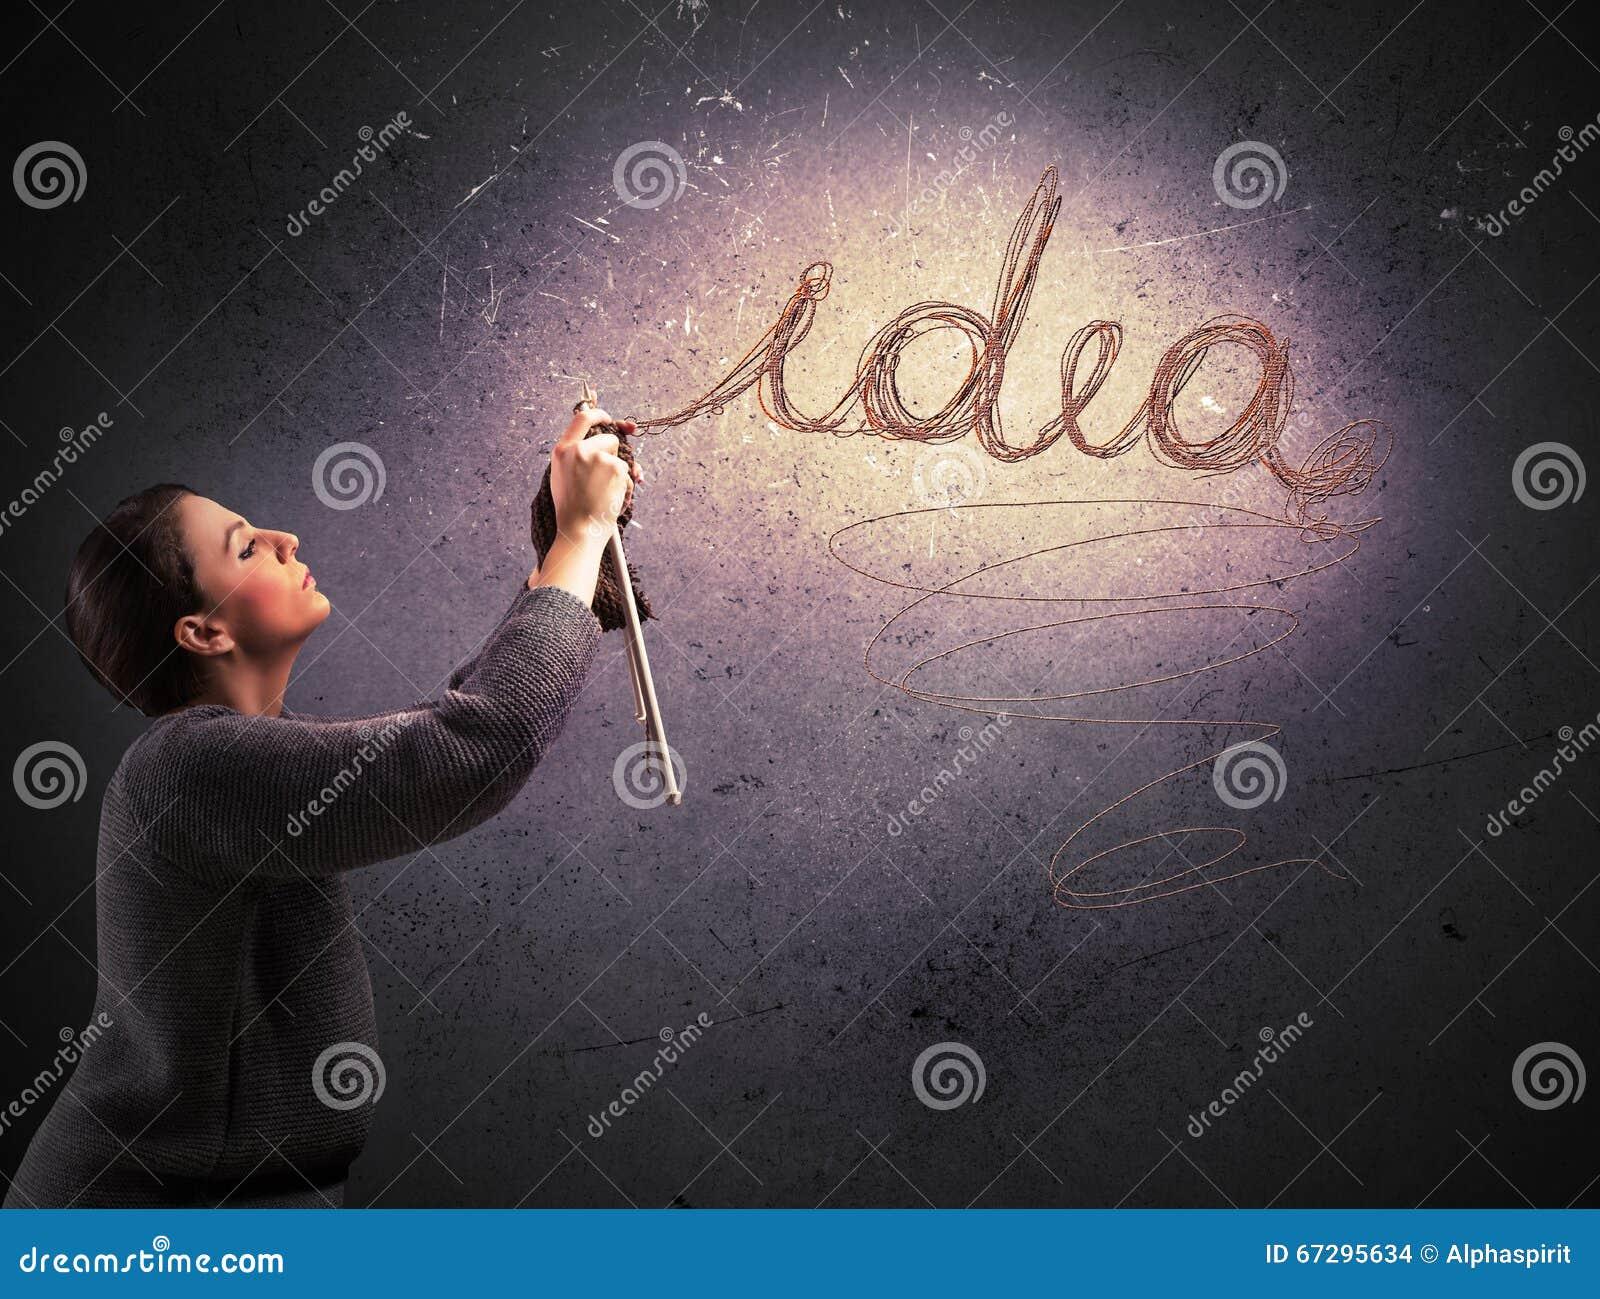 Nähen einer Idee